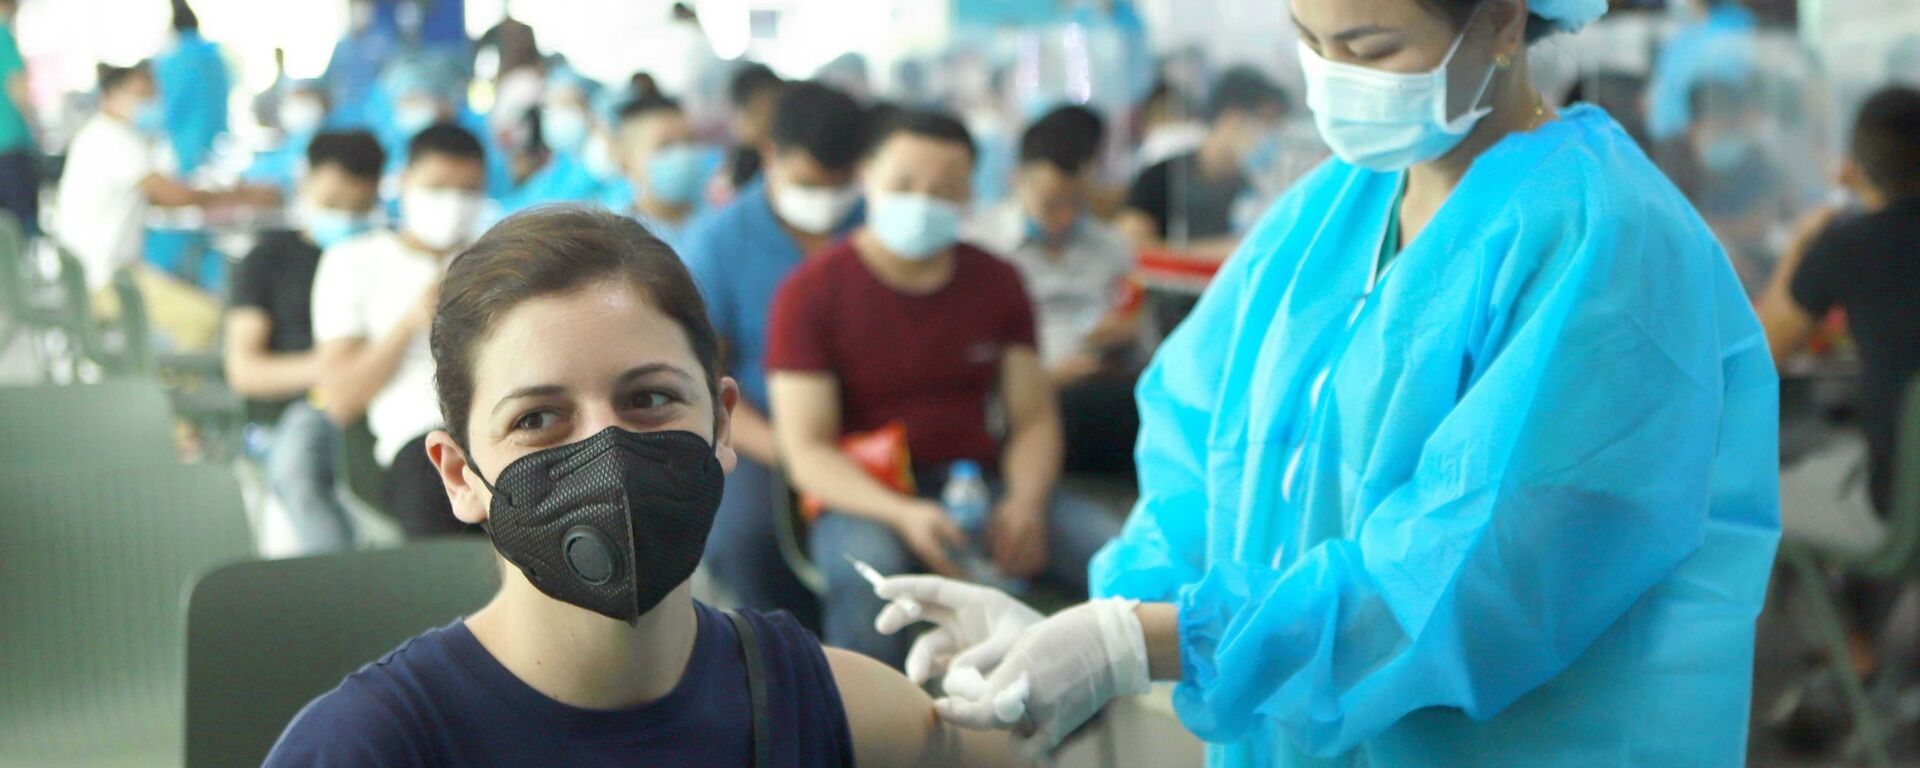 Vĩnh Phúc: 500 công nhân Công ty Piaggio Việt Nam được tiêm vaccine phòng COVID-19 - Sputnik Việt Nam, 1920, 04.08.2021